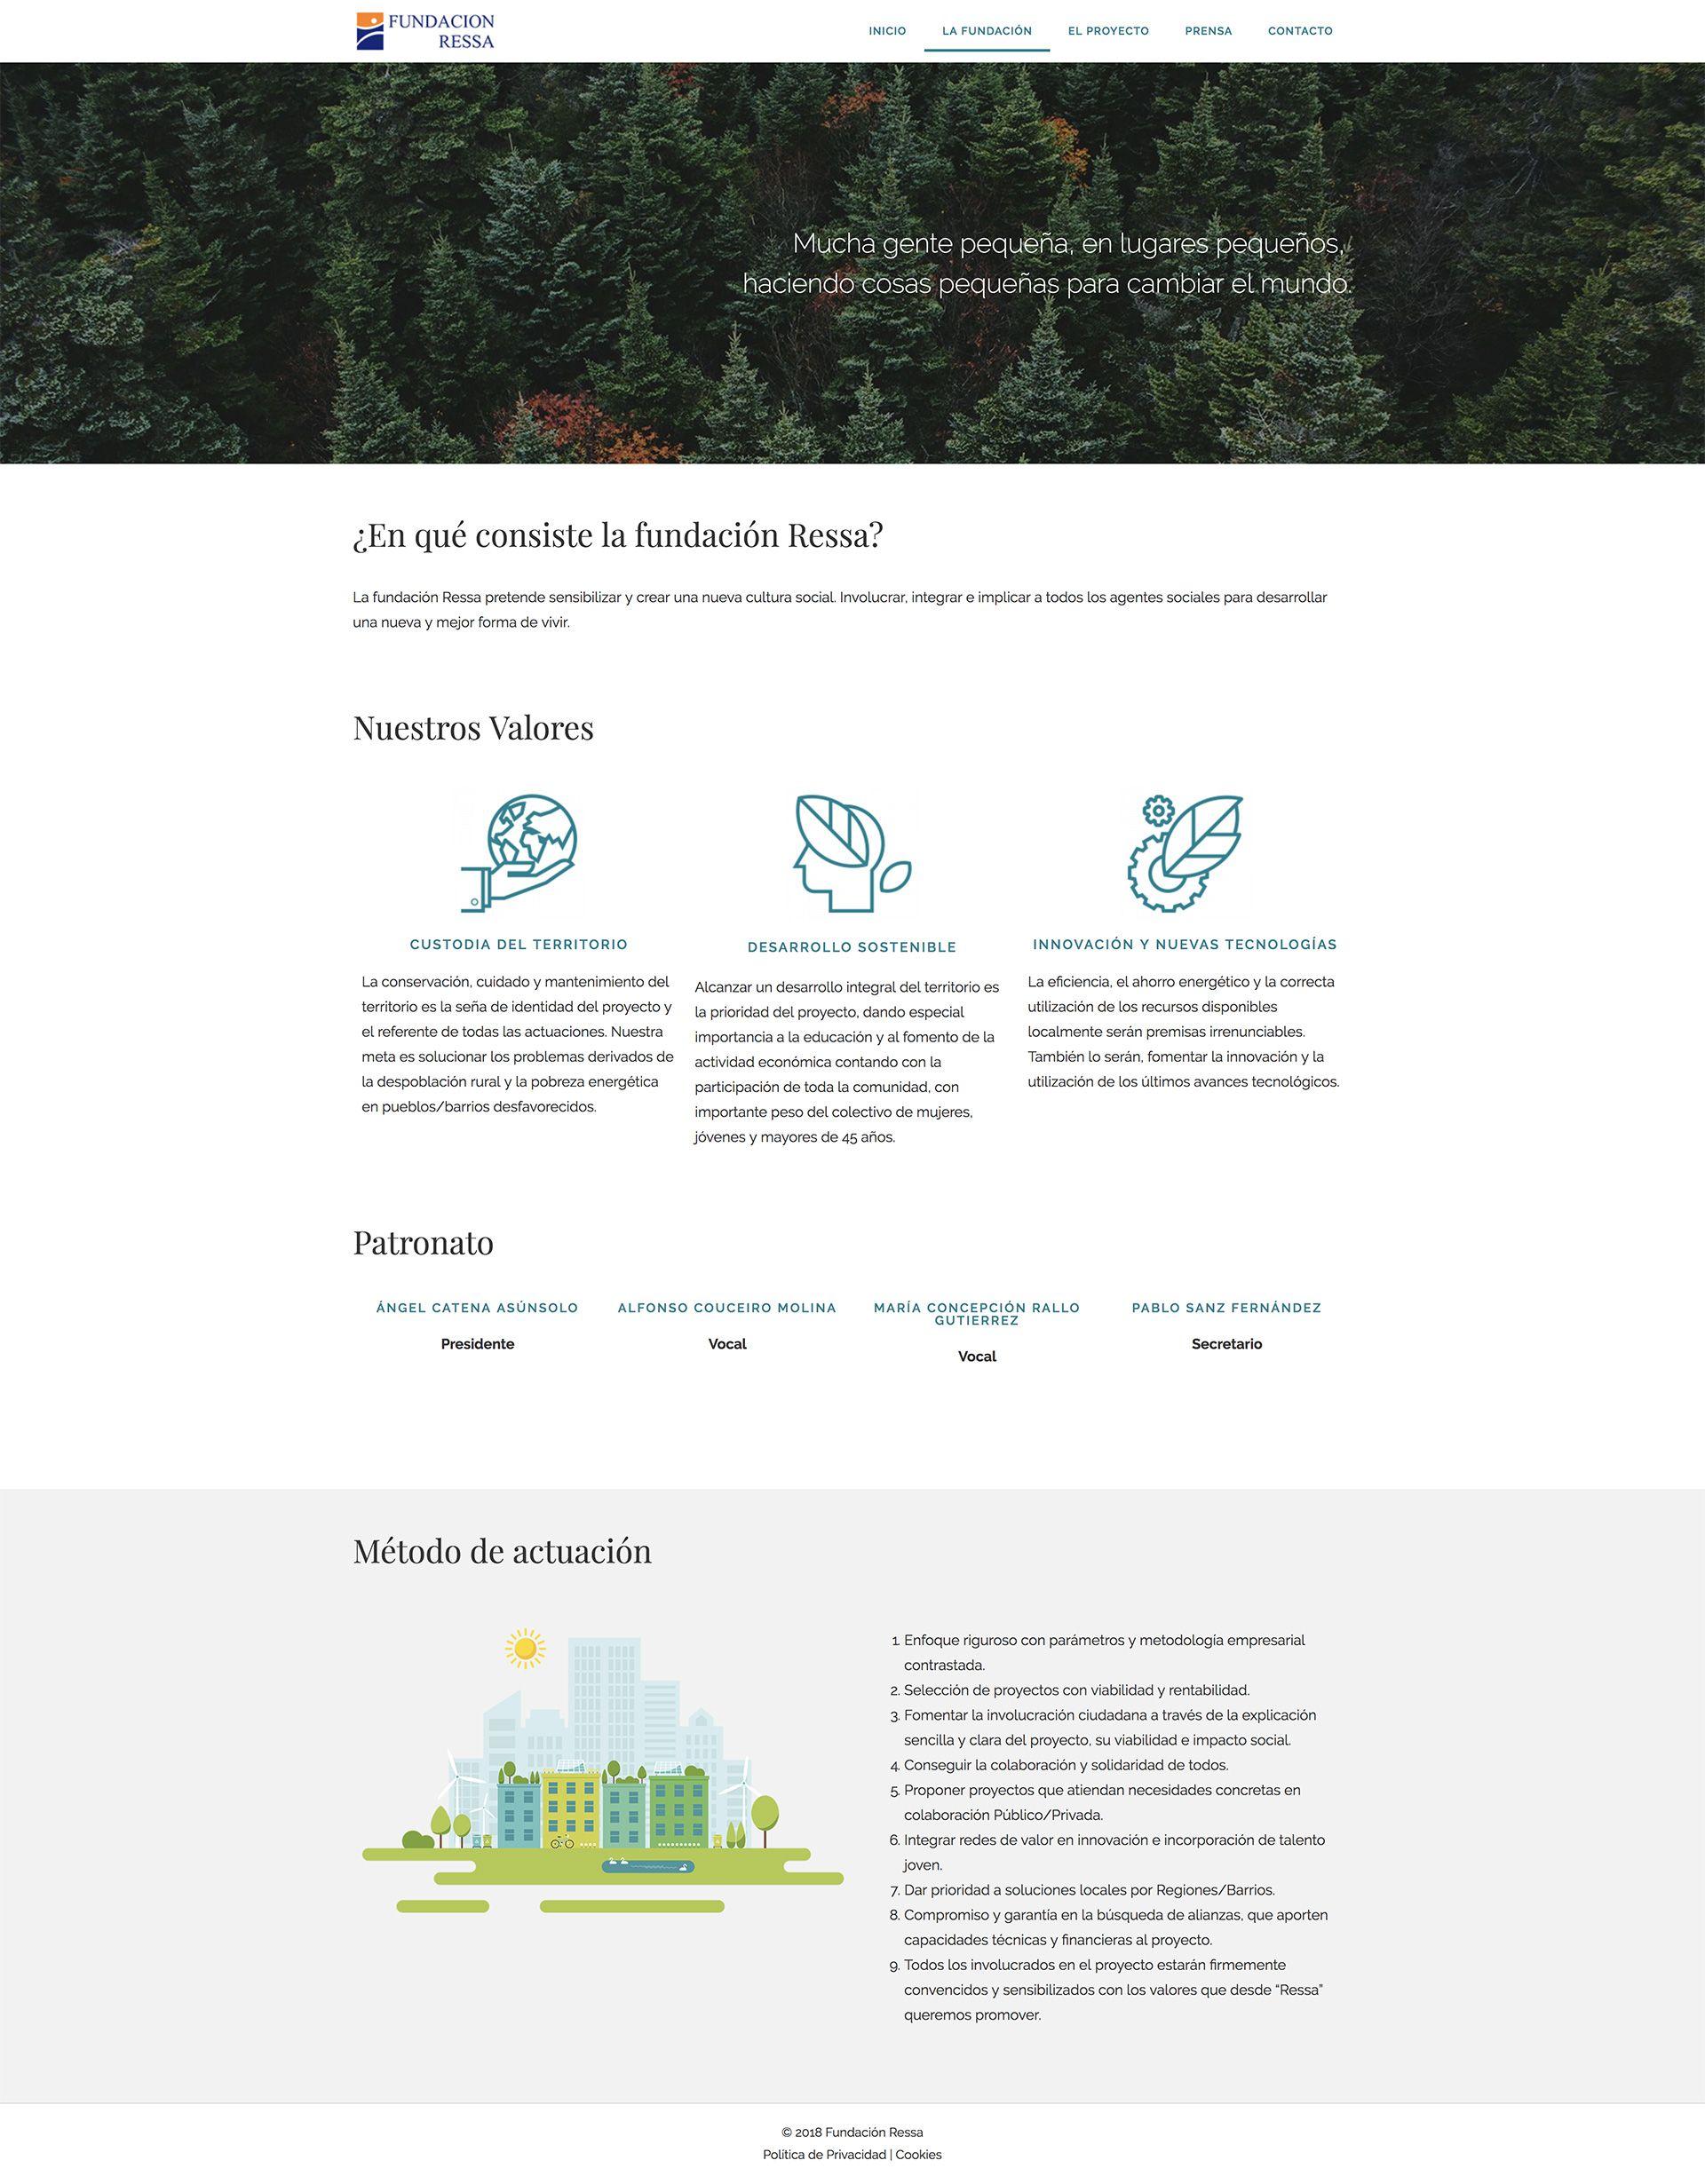 Diseño web para Fundaciones